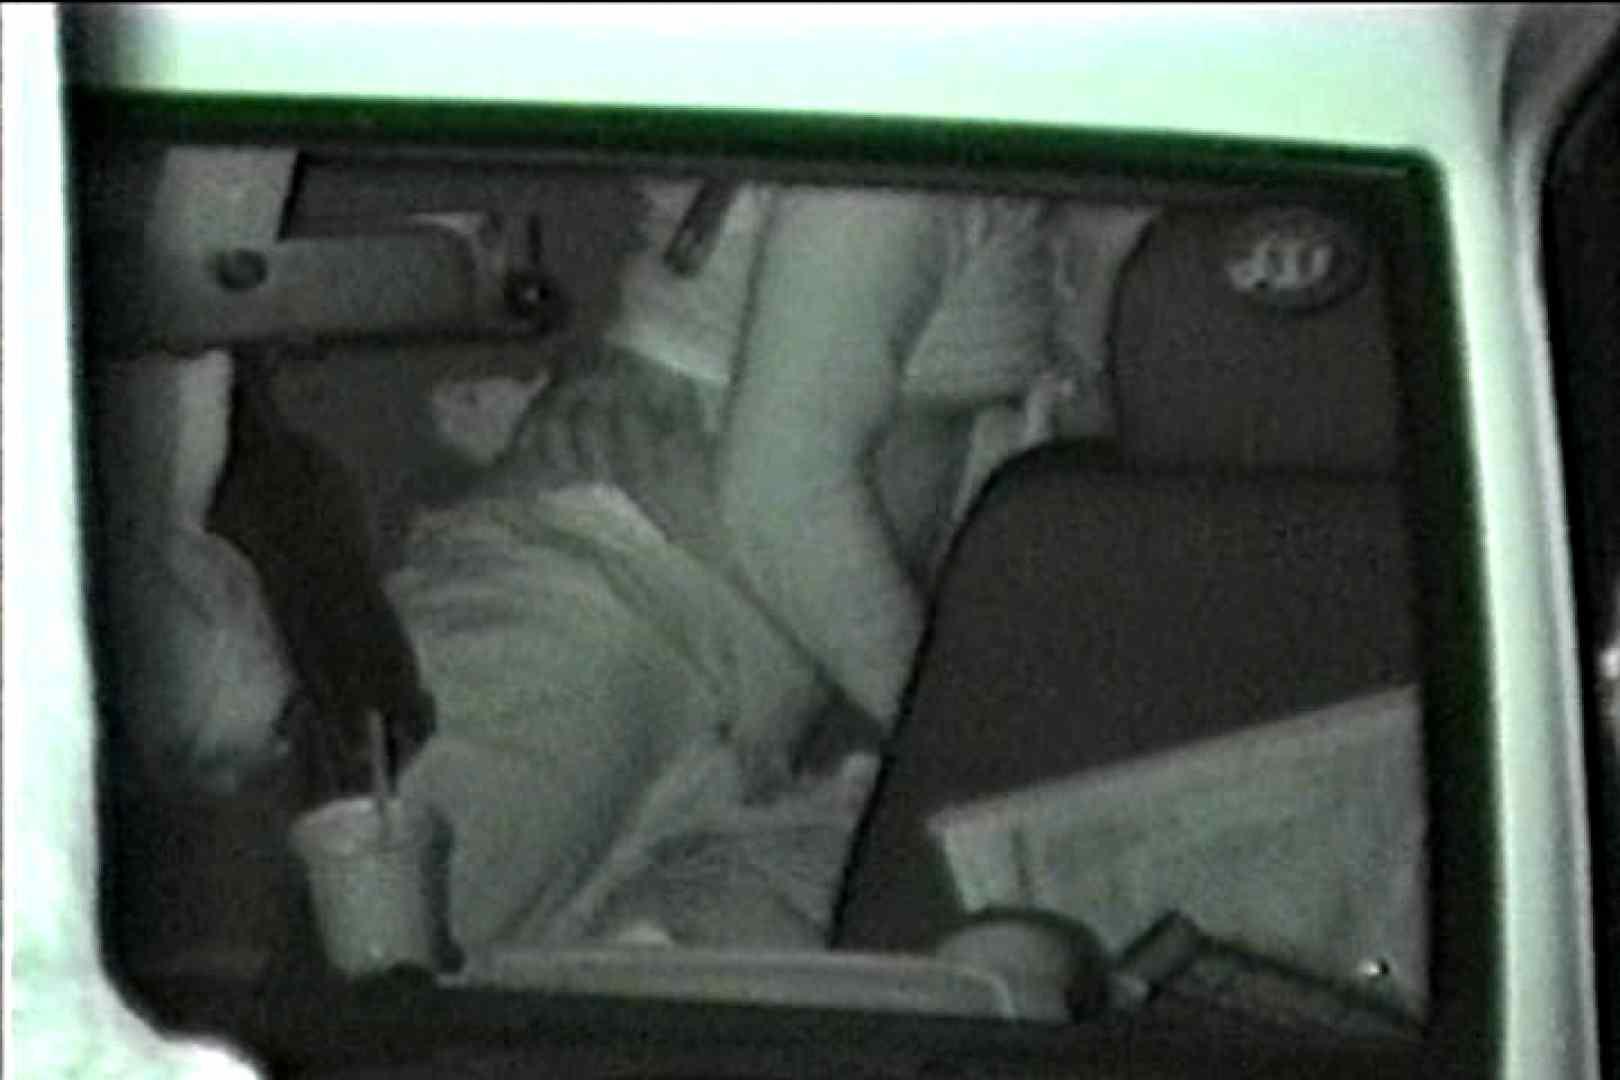 車の中はラブホテル 無修正版  Vol.7 ホテル AV無料動画キャプチャ 60連発 5